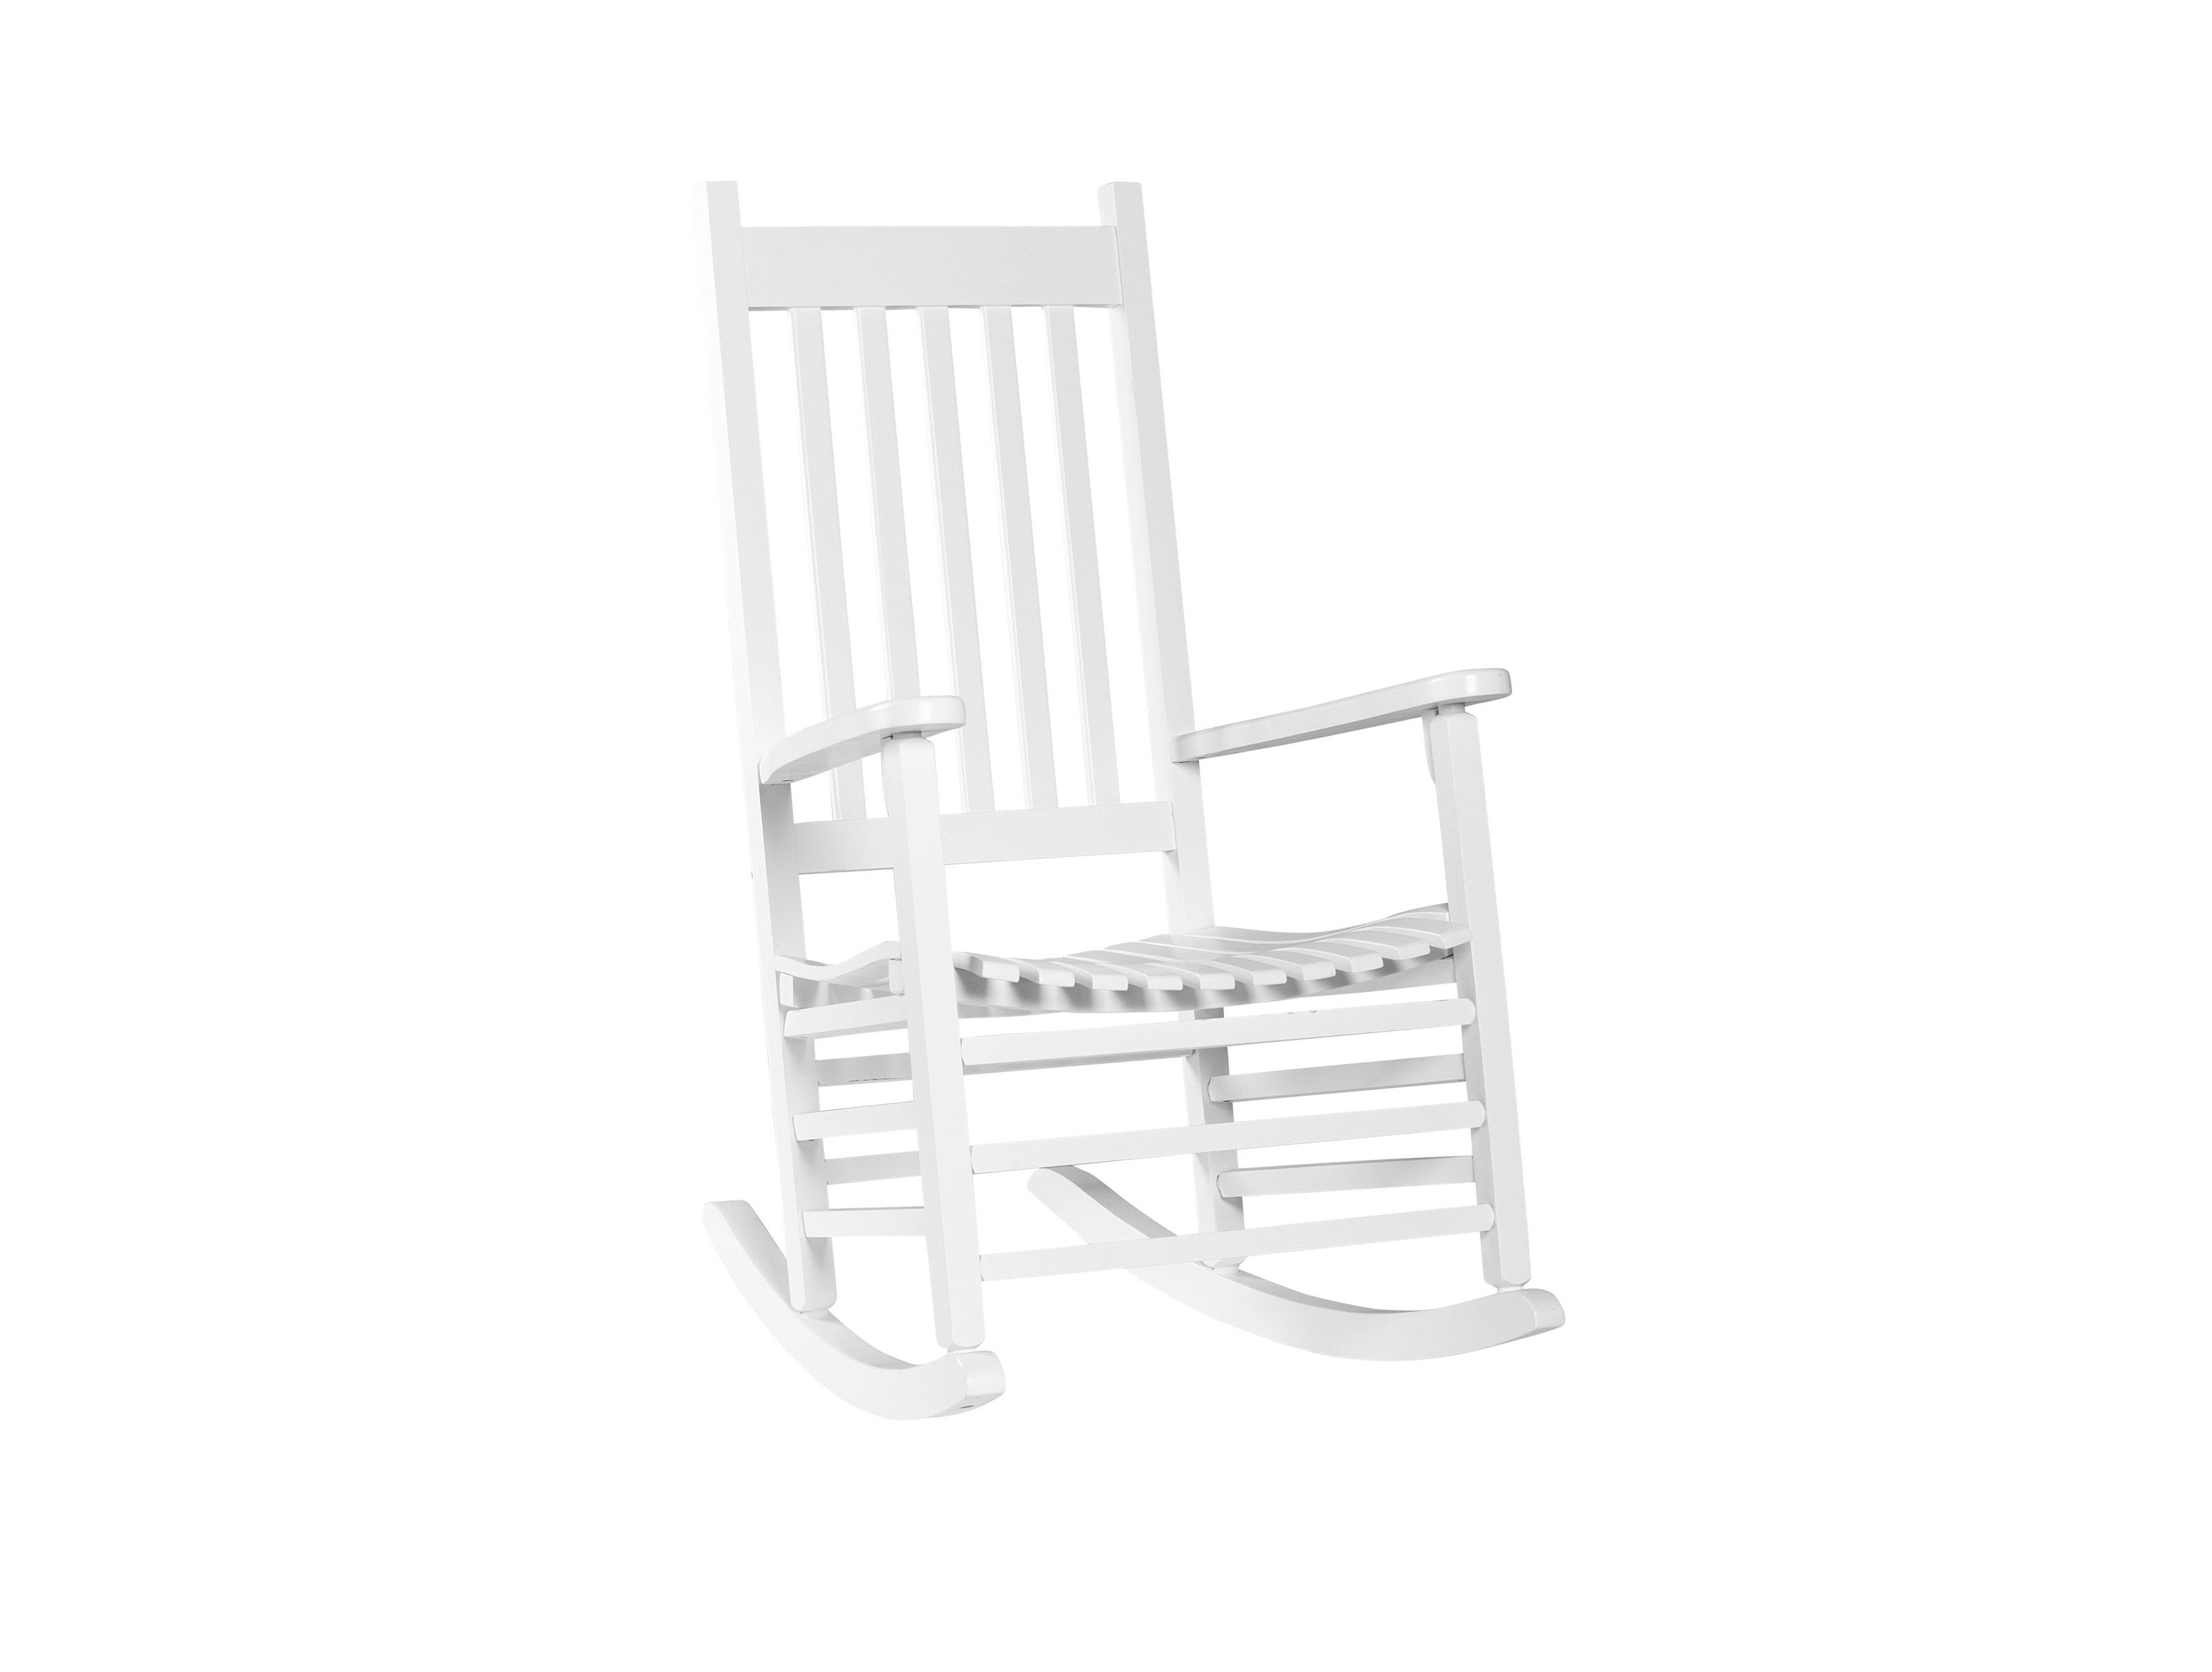 Кресло-качаалка DREAMКресла, стулья и табуреты для сада<br><br><br>Material: Дерево<br>Ширина см: 82<br>Высота см: 111<br>Глубина см: 65